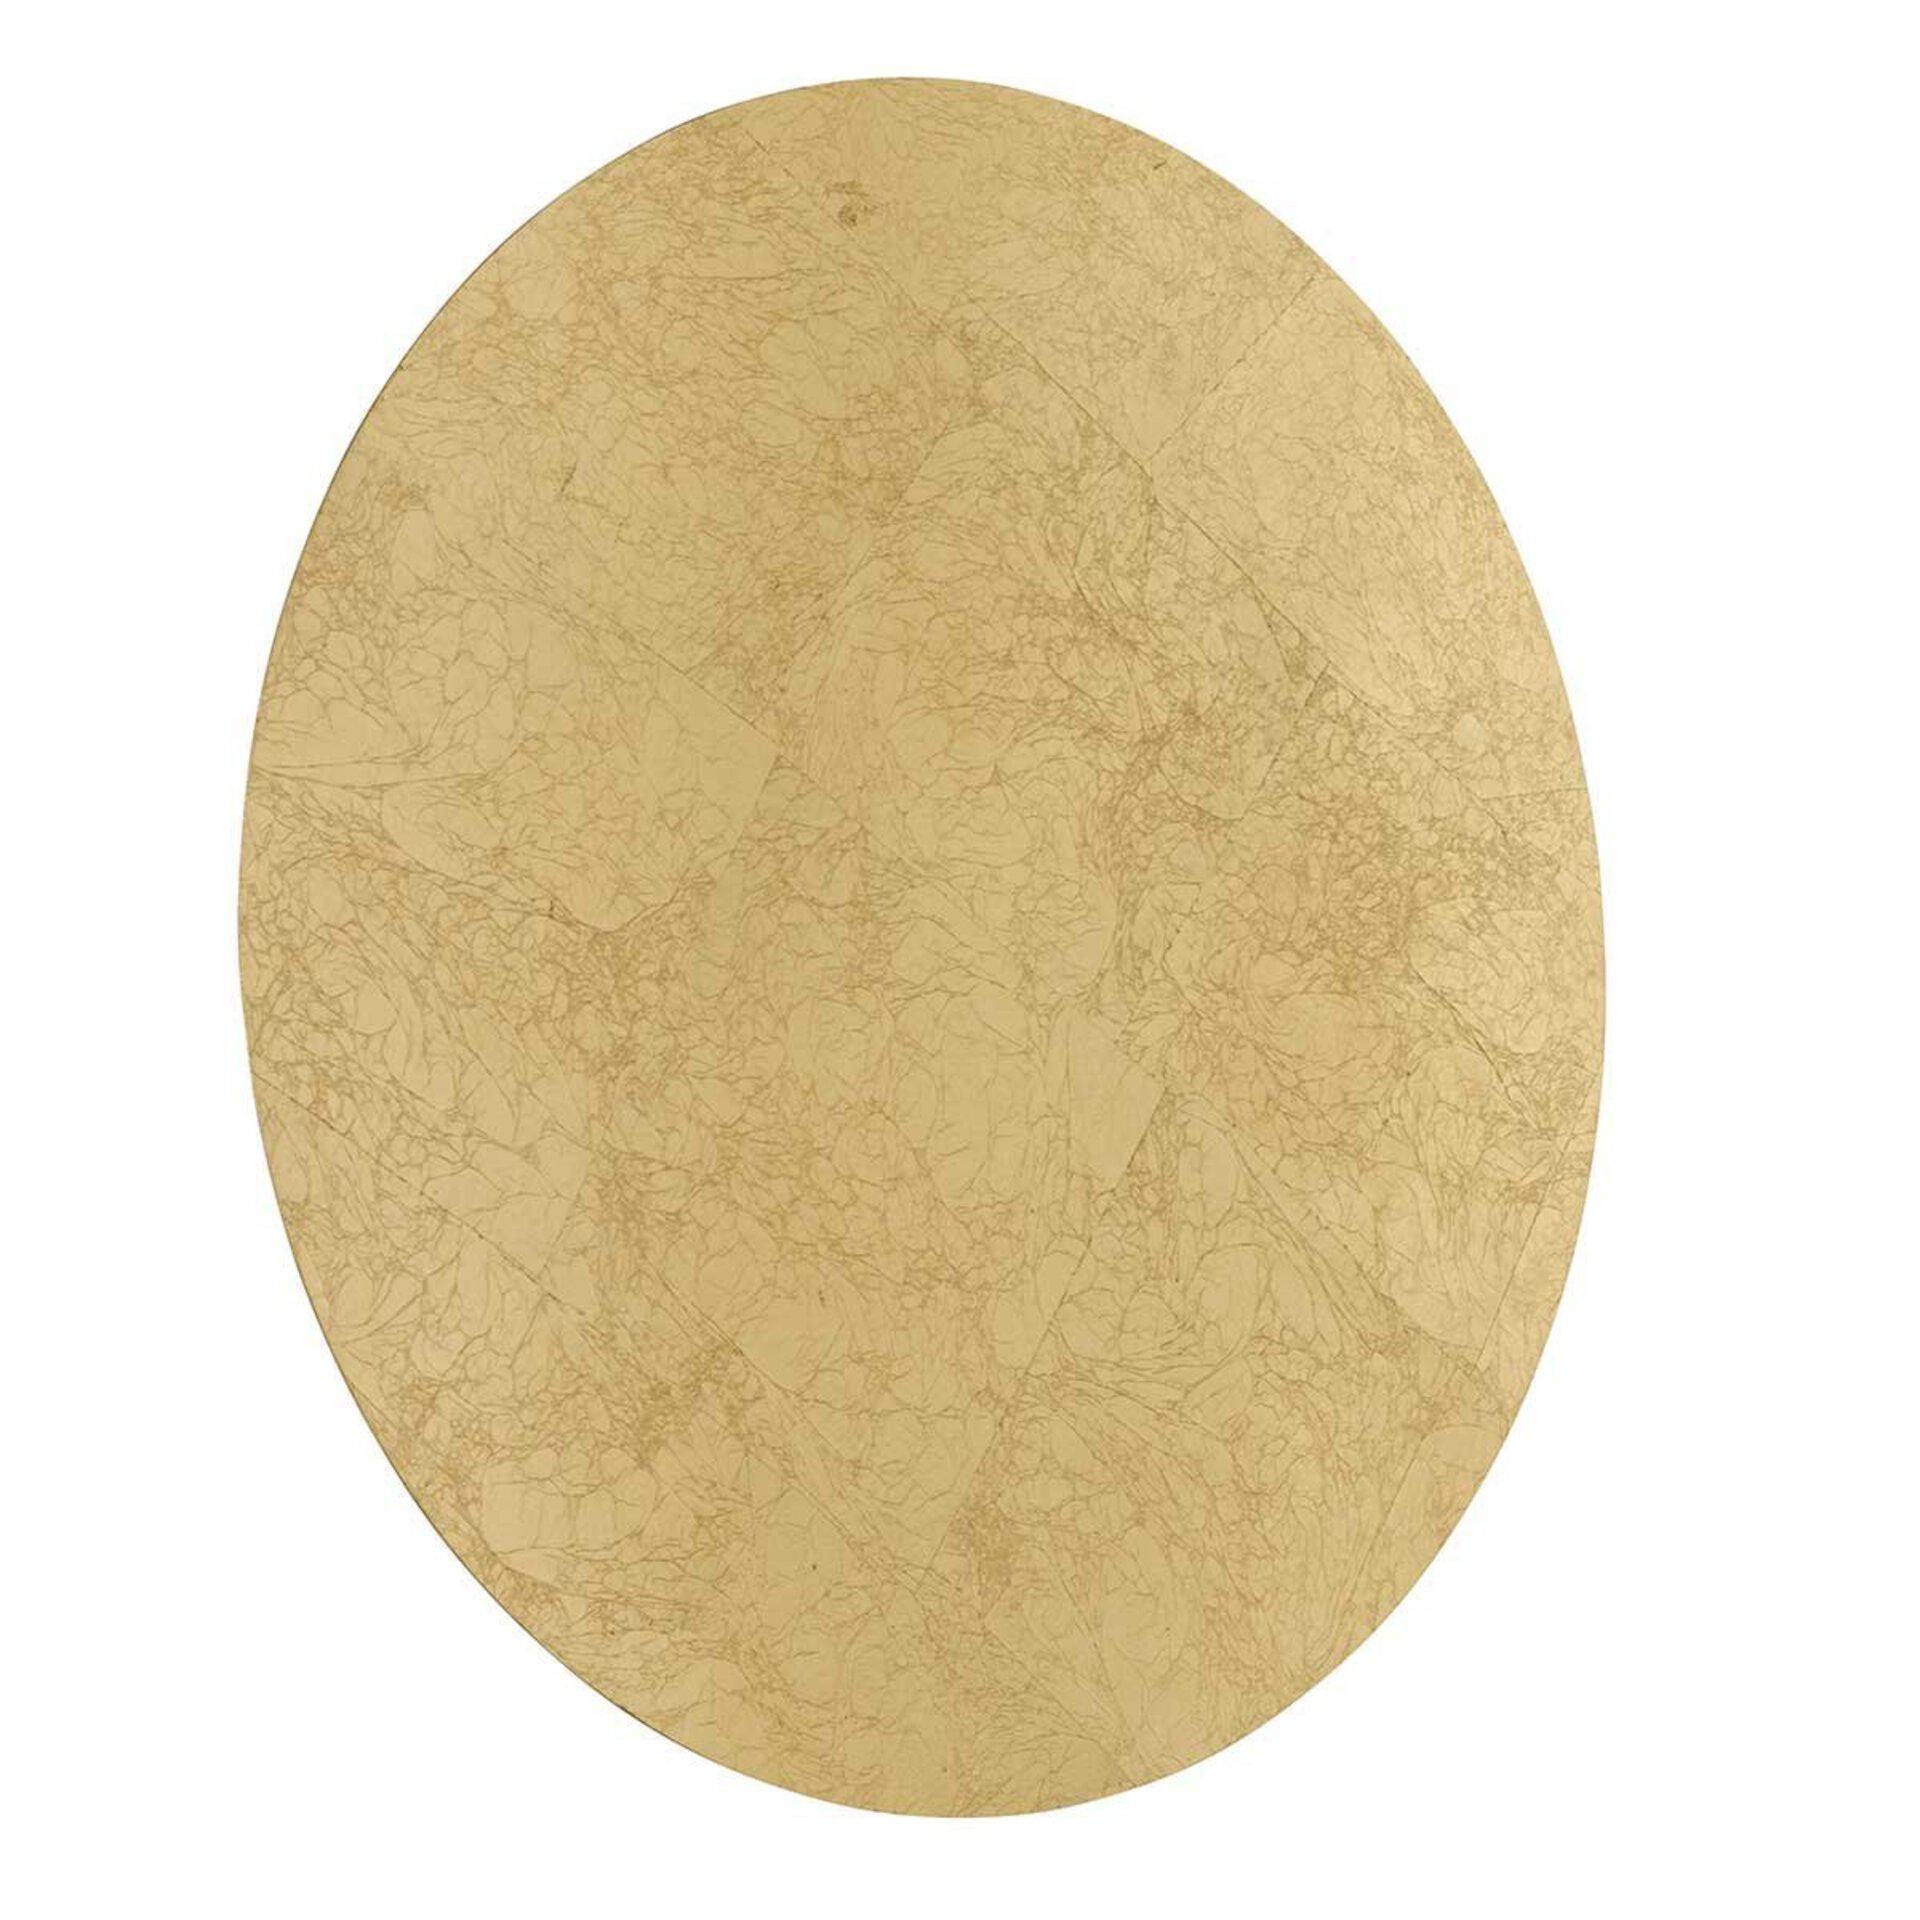 Wandleuchte Angers Wofi Leuchten Metall gold 40 x 6 x 40 cm